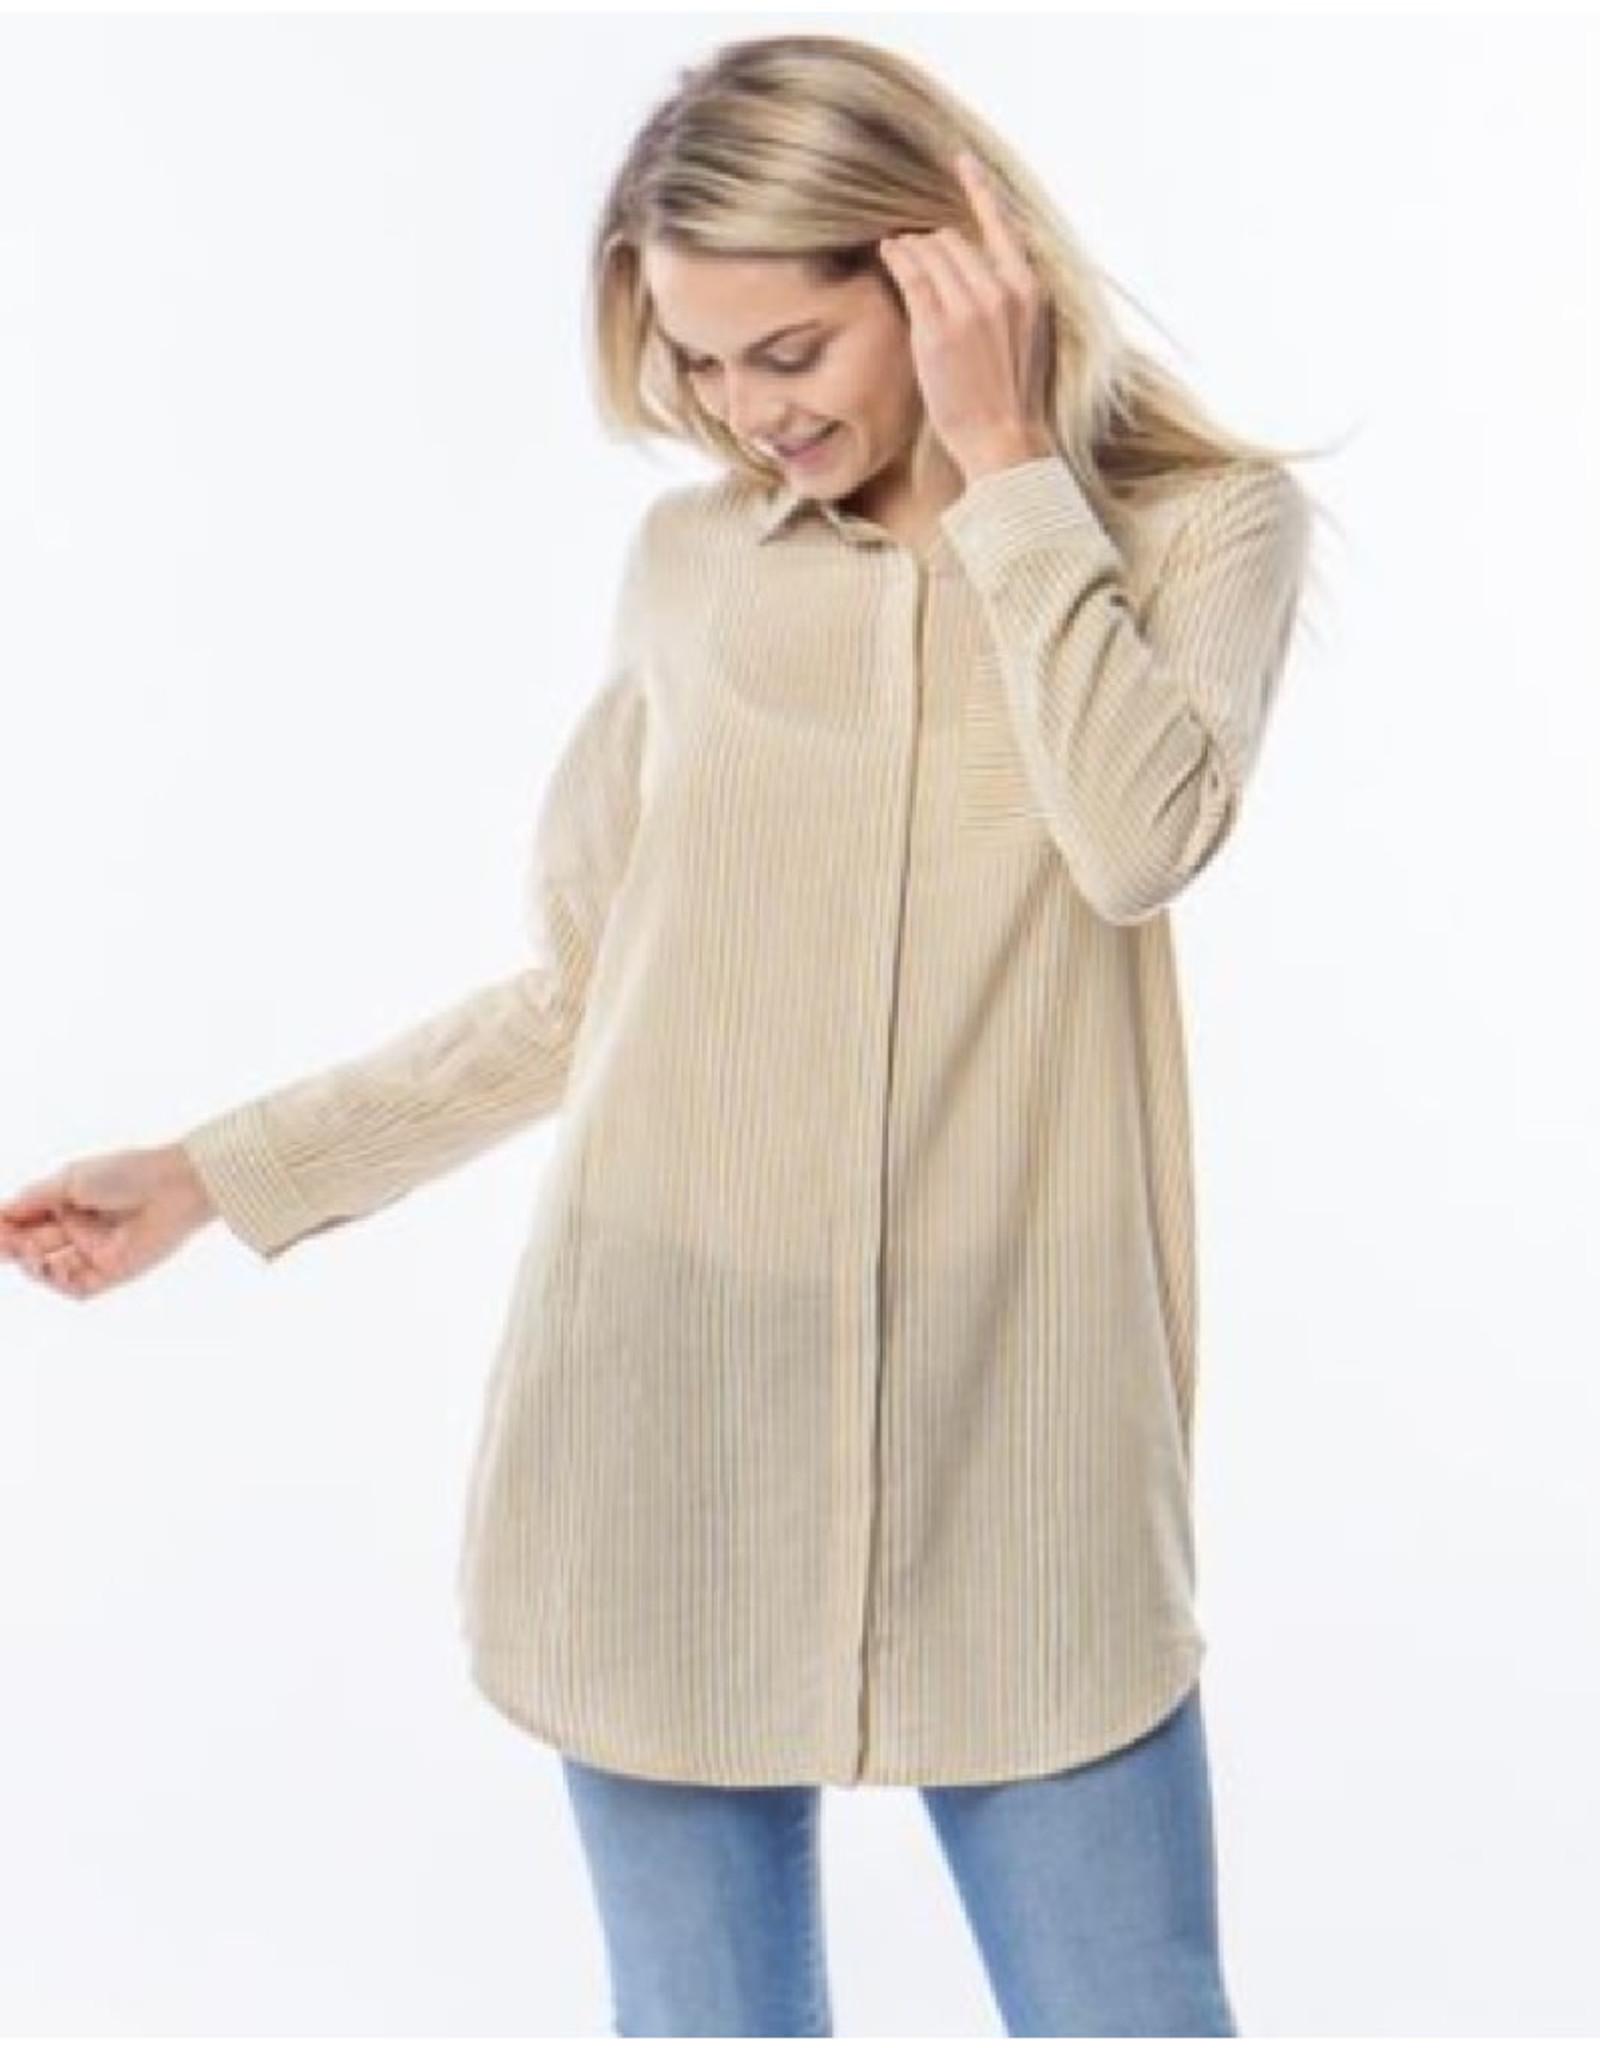 Tunic Shirt Top